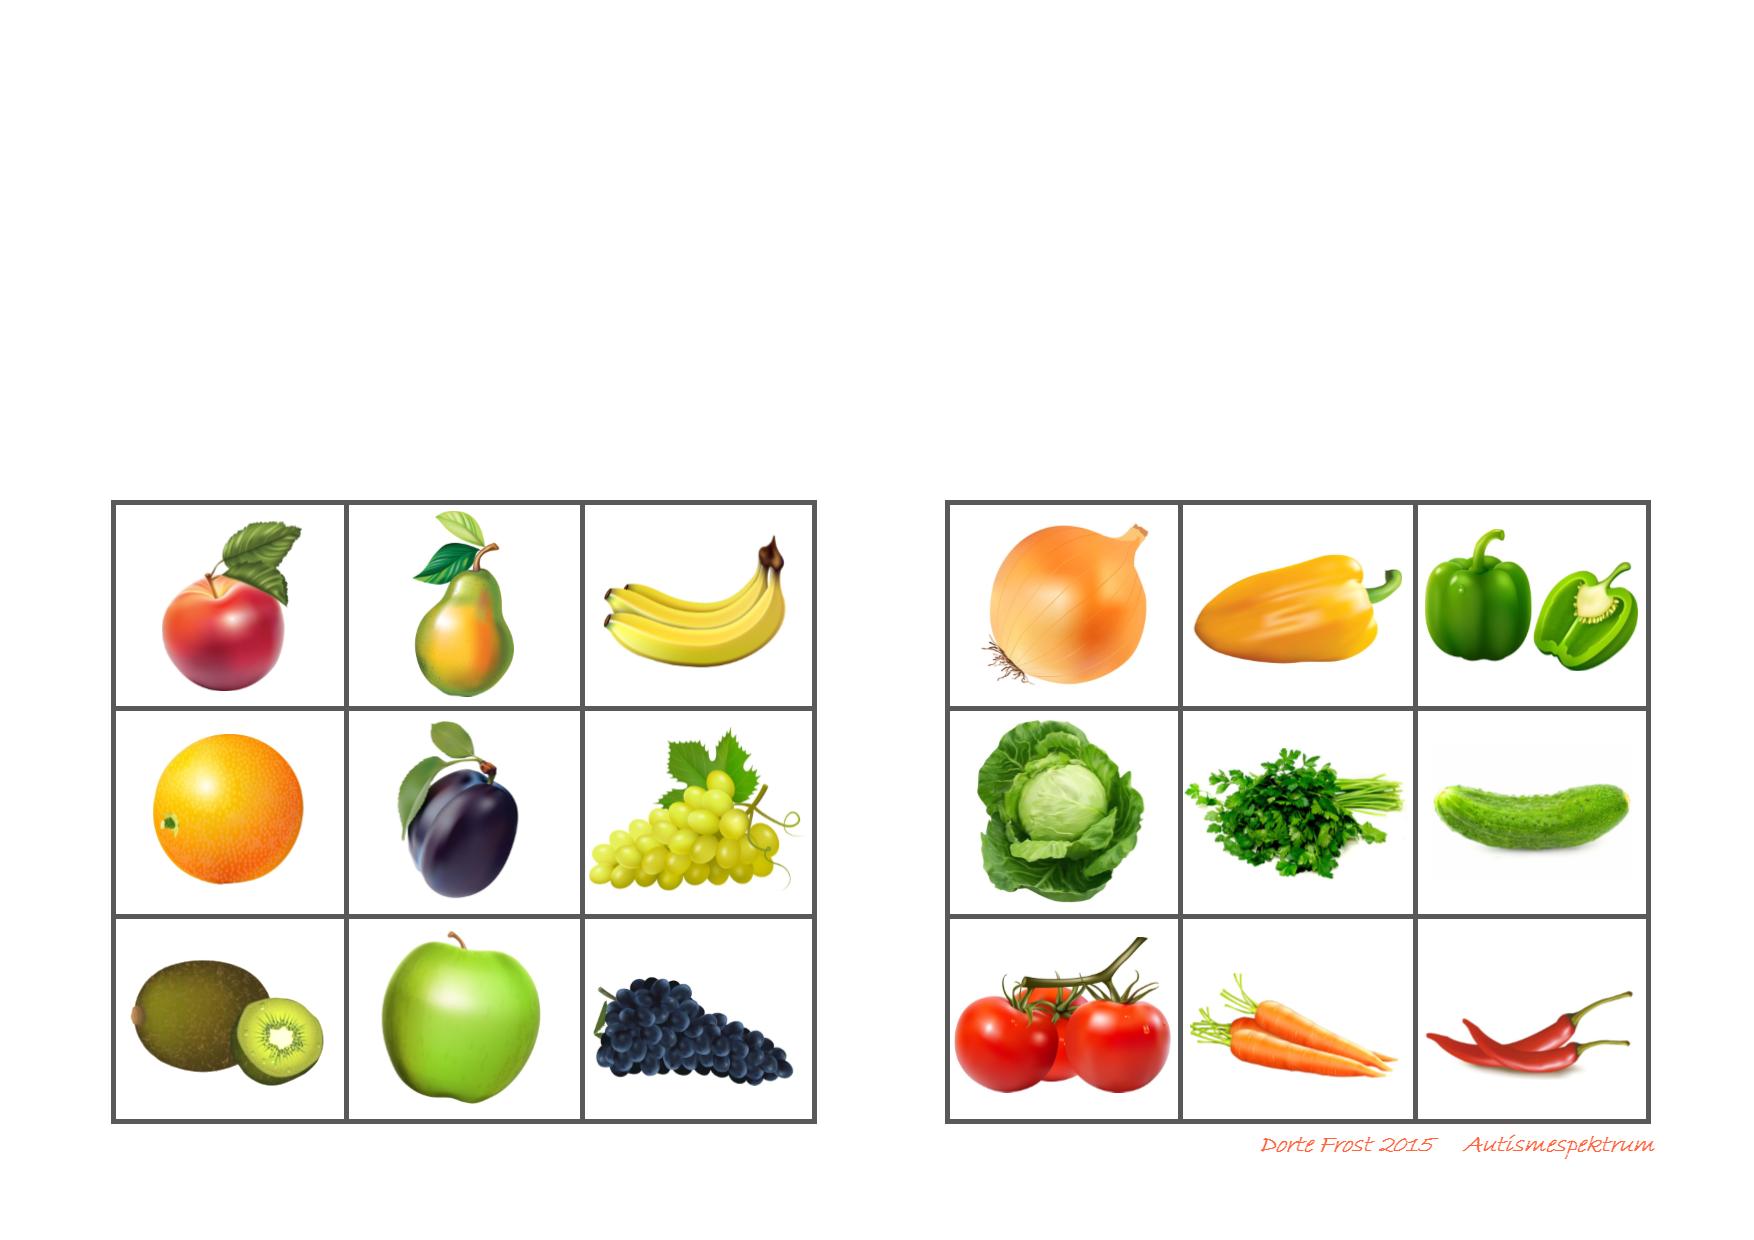 Картинки фрукты и овощи для дошкольников